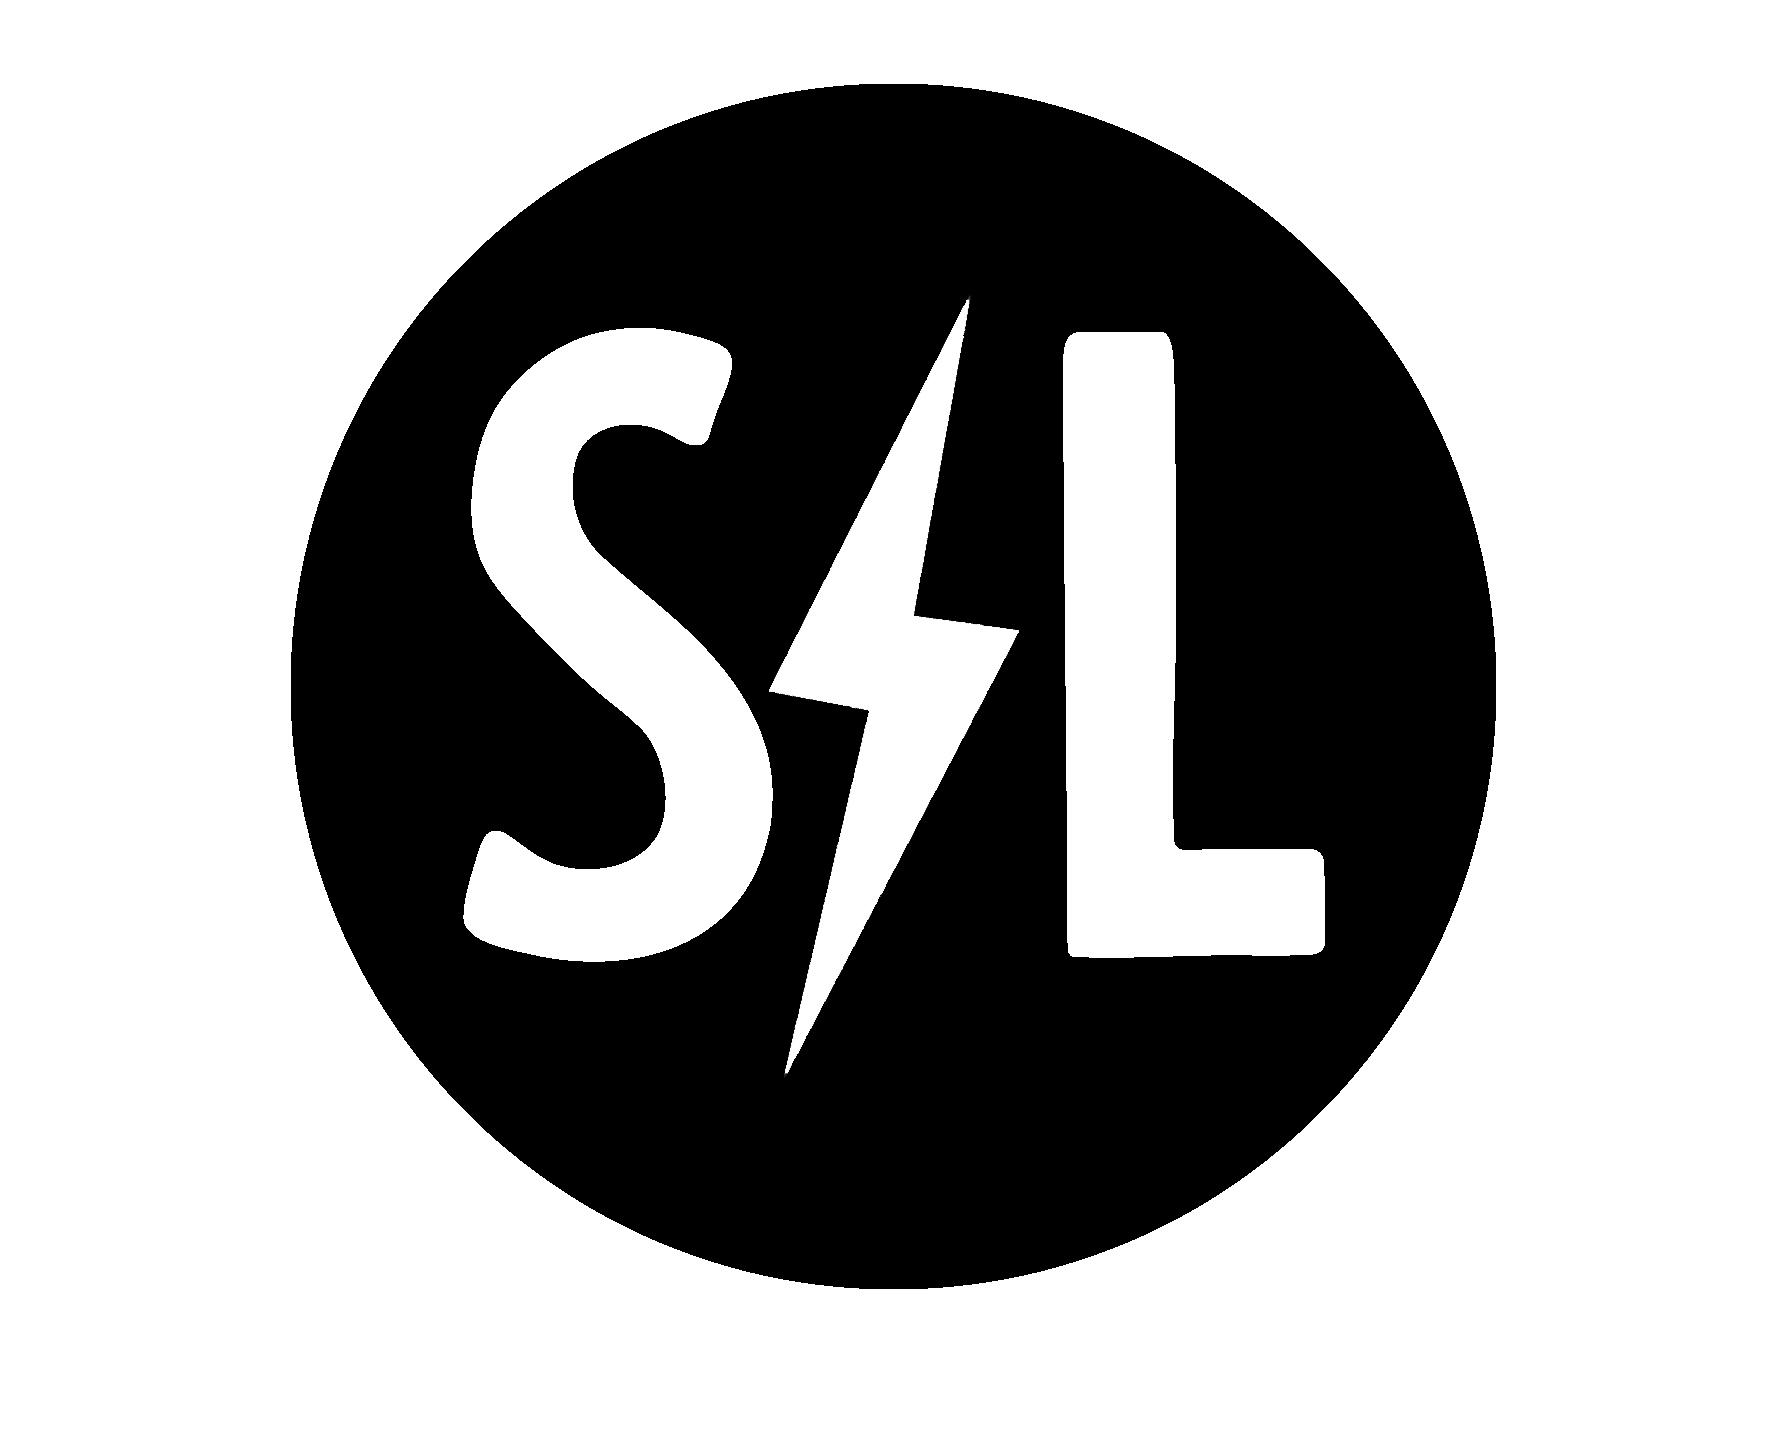 Logo: Icon